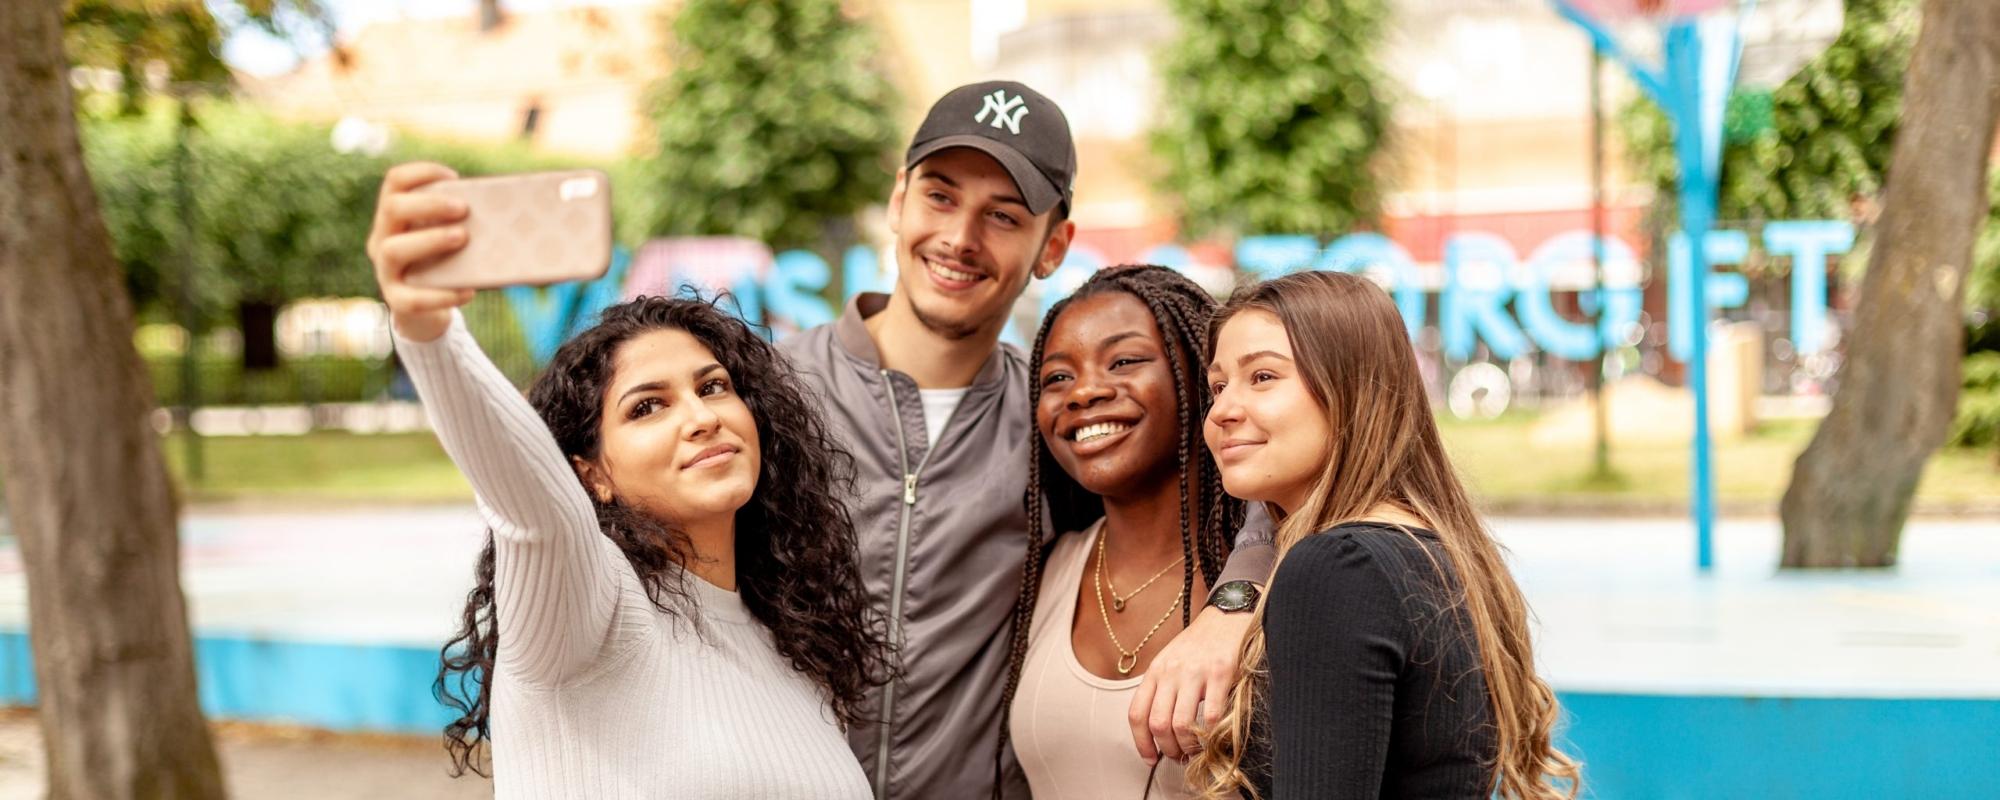 Fyra personer ler mot en mobilkamera. En av personerna håller mobilkameran med en utsträckt arm.